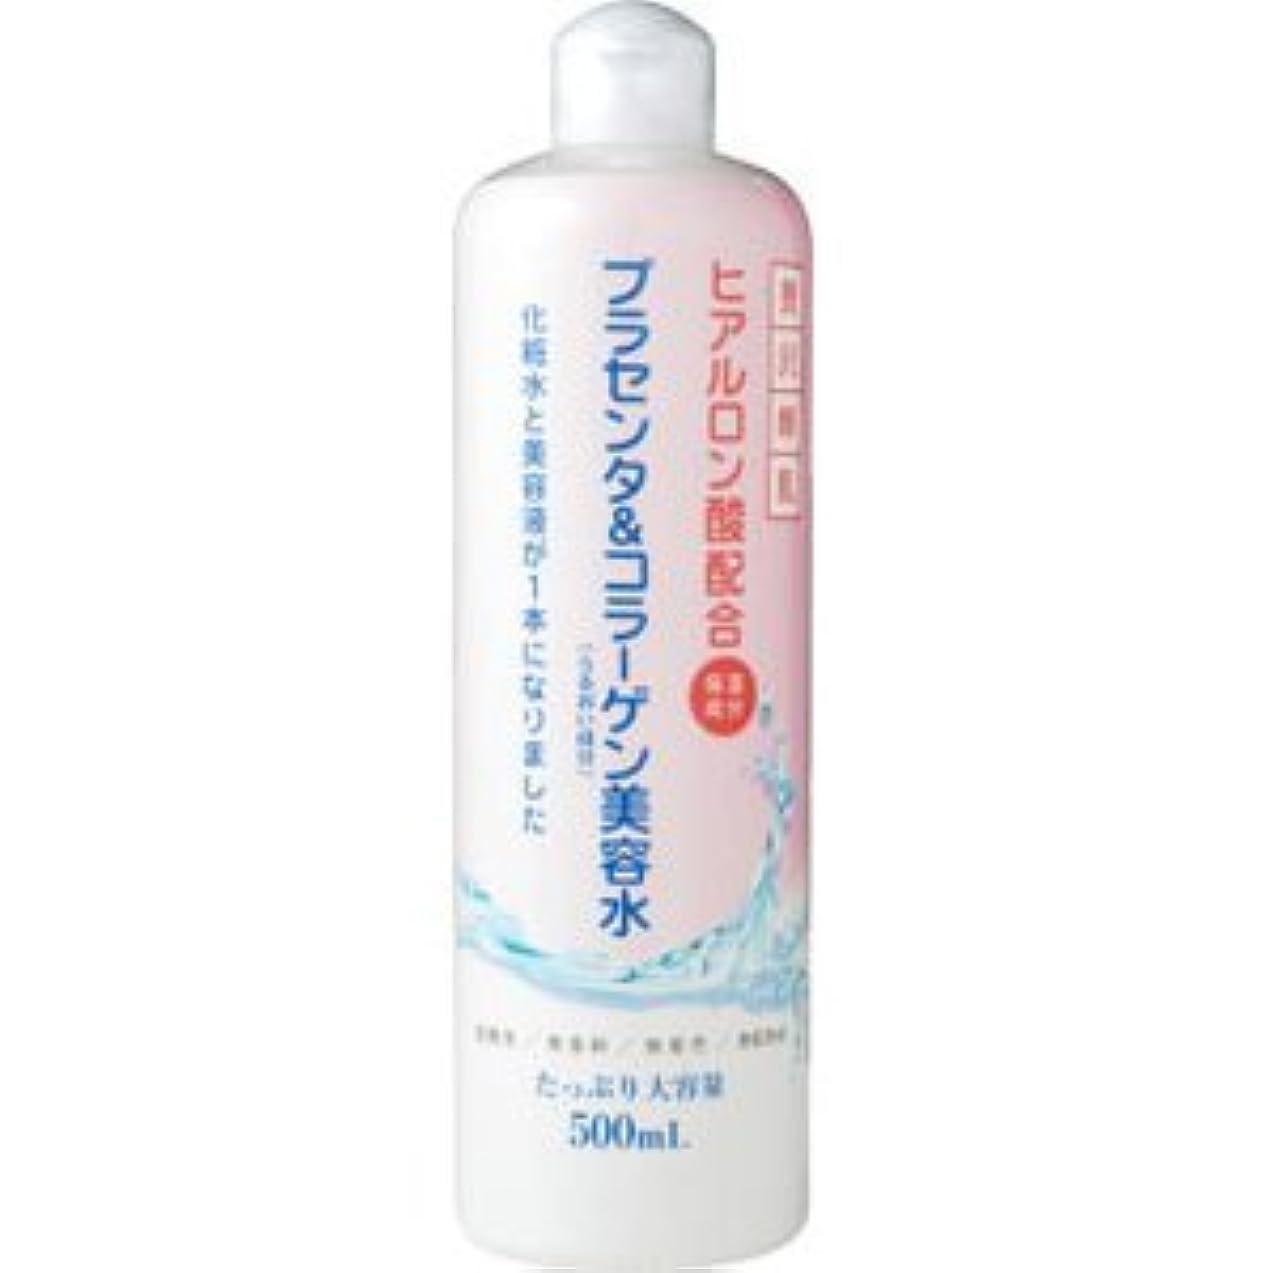 ケニア流囲まれた化粧水?美容液がこの1本!大容量サイズ?低価格『贅沢輝肌 美容水』 (プラセンタ&コラーゲン)